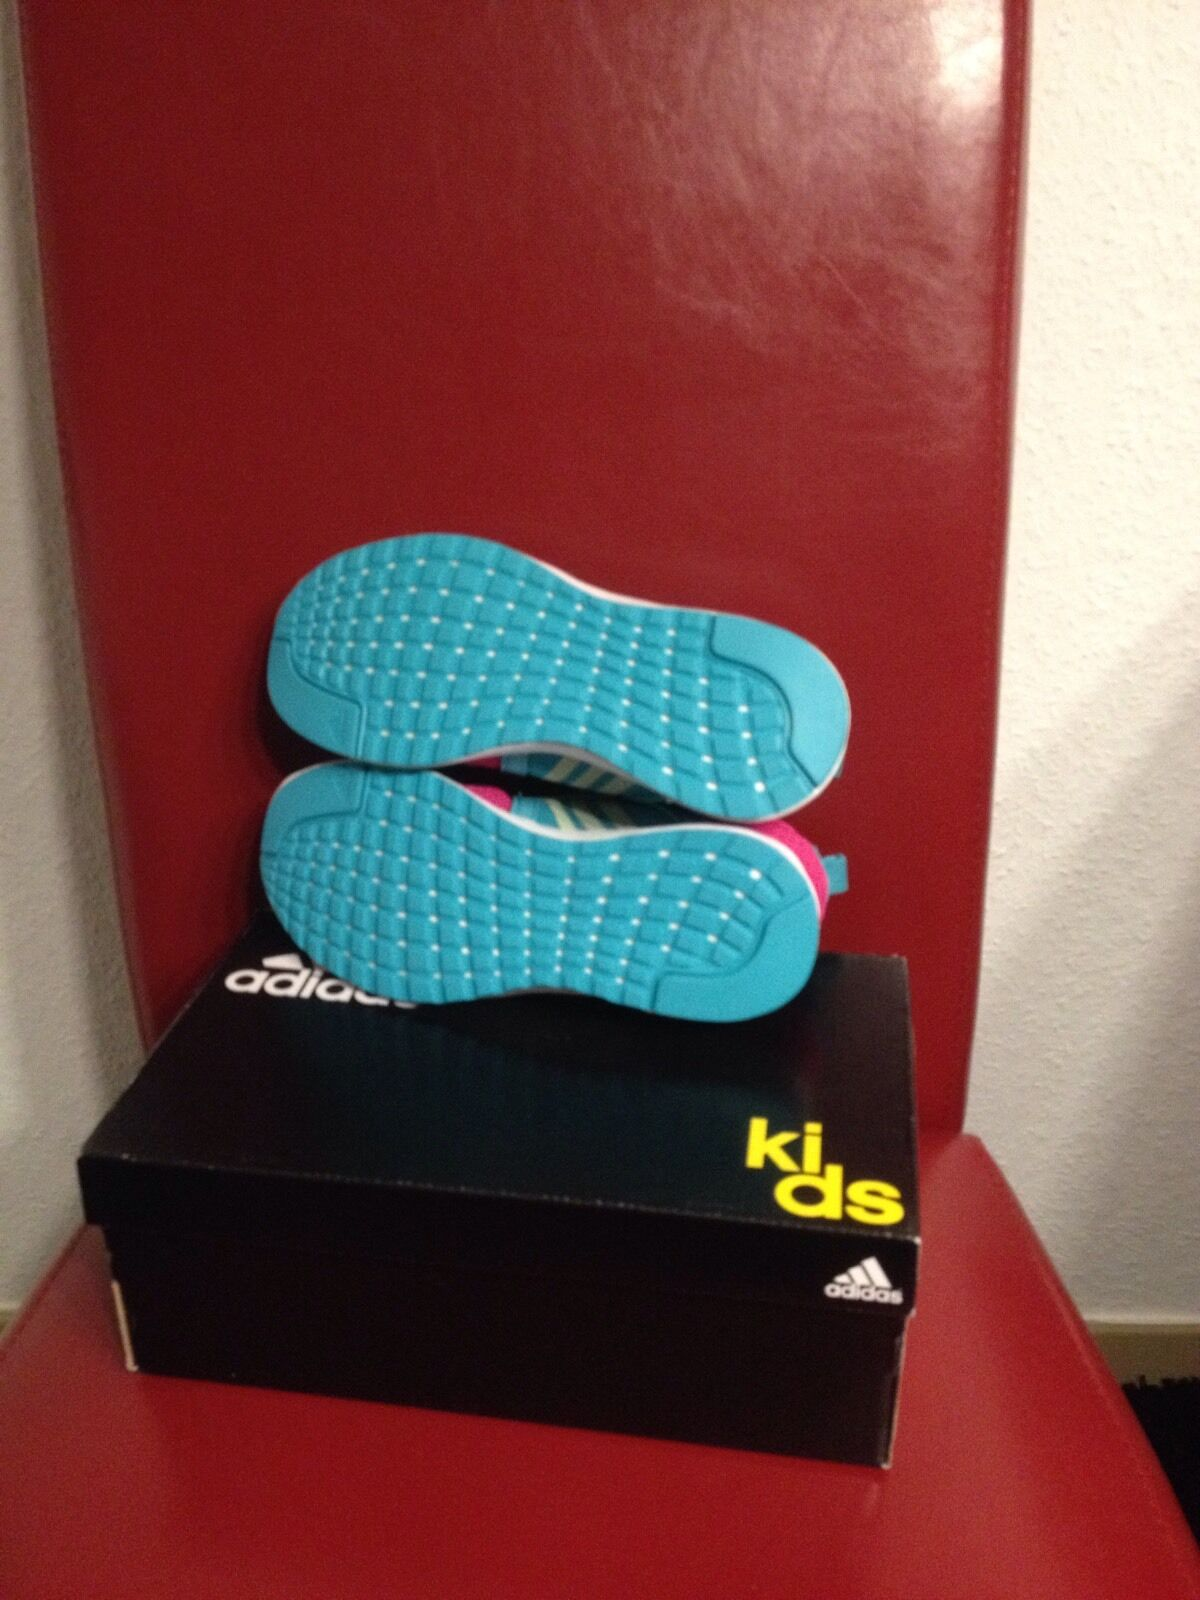 Adidas Durama K Mädchen Laufschuhe Laufschuhe Laufschuhe Runningschuhe (S75782) Gr  Wählbar neu in Kar  | Kostengünstig  b69bac